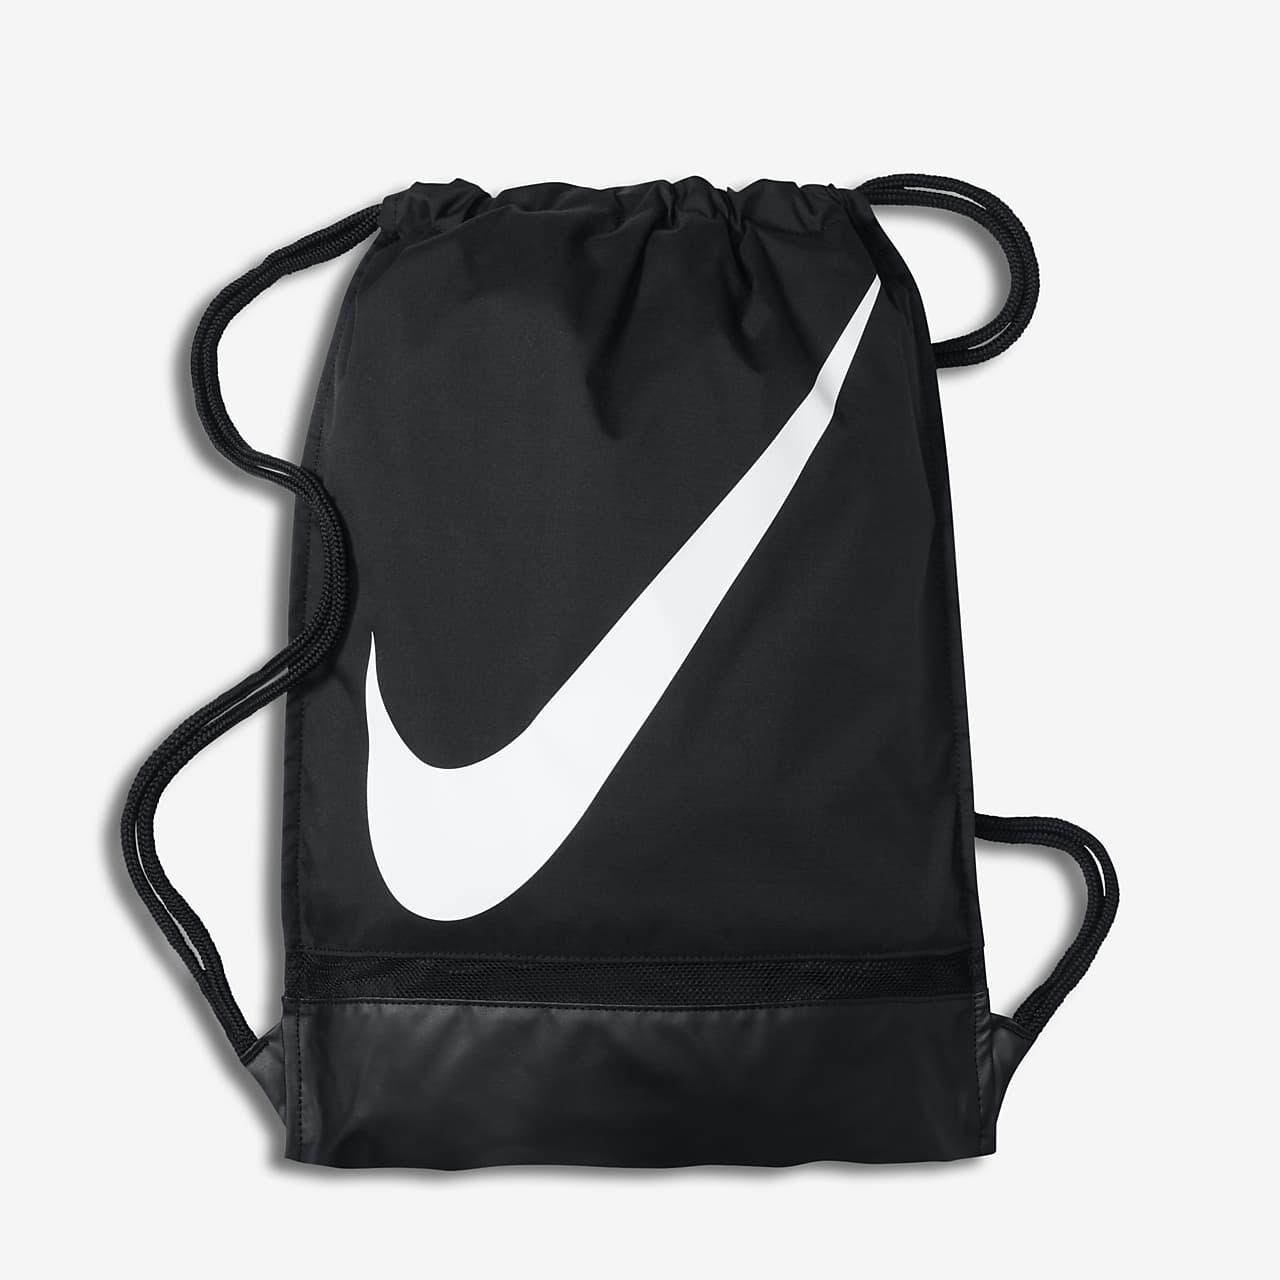 Sac de gym Nike Soccer